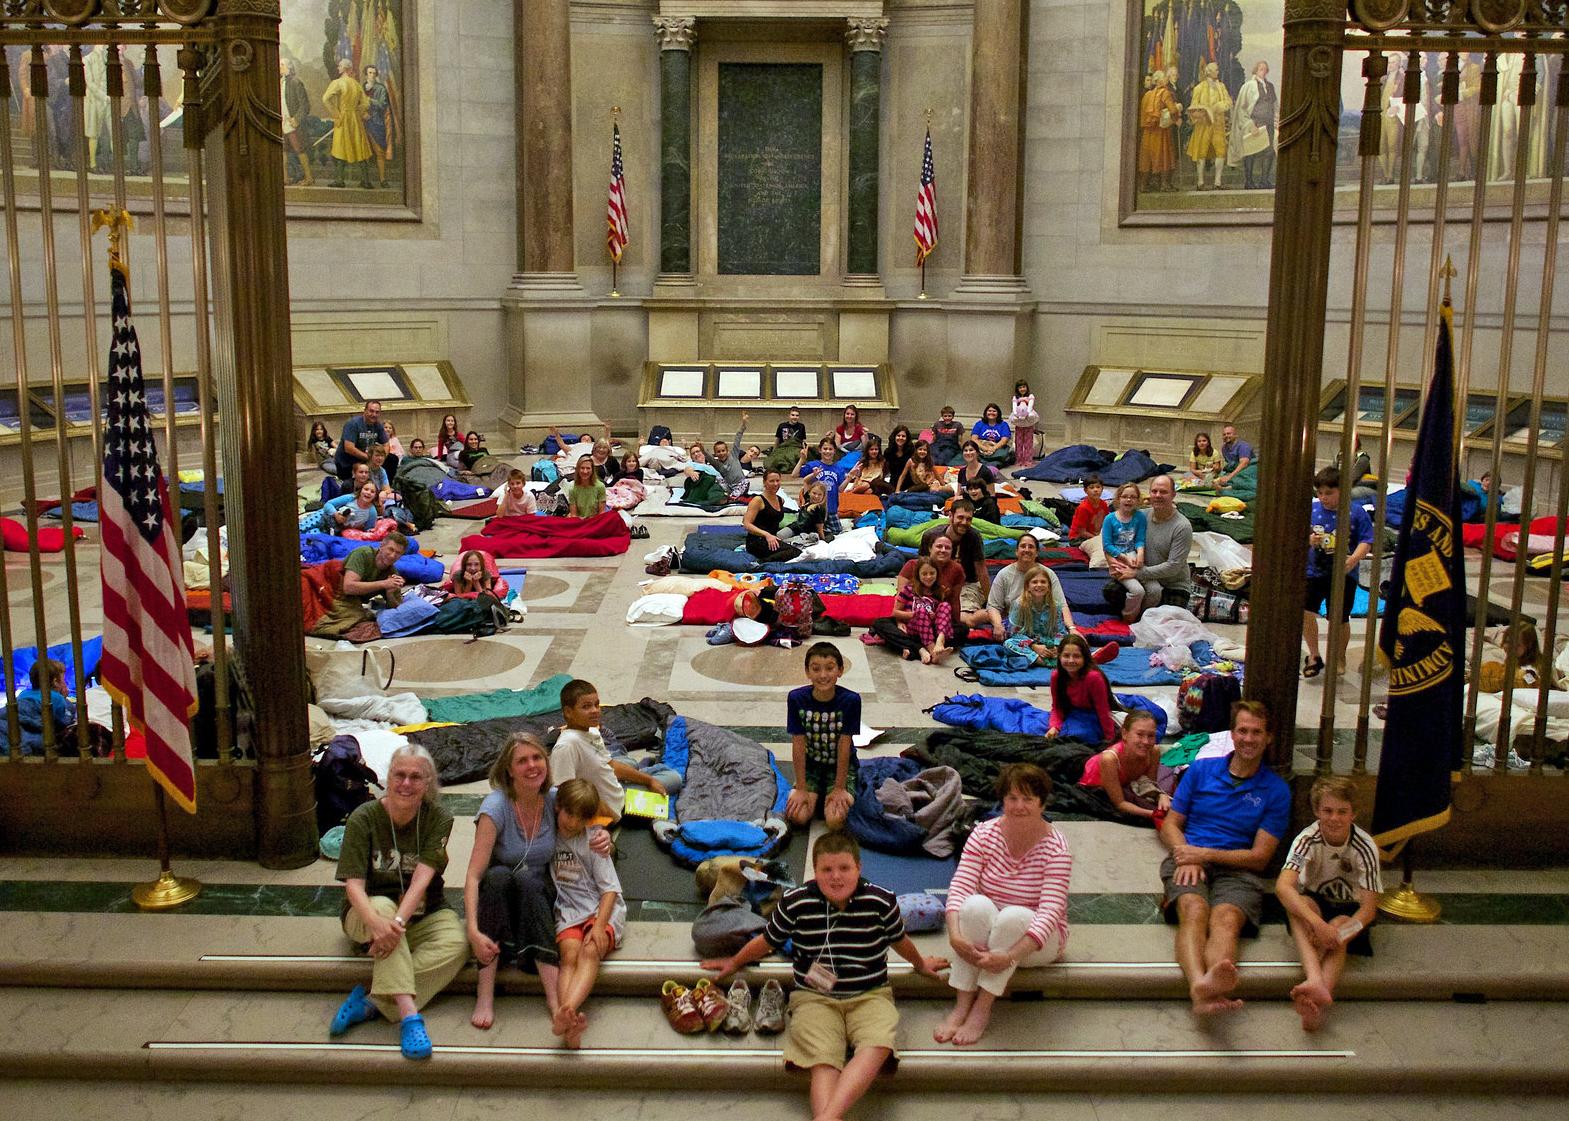 Personas sentadas en el suelo con sacos de dormir en la Rotonda de los Archivos Nacionales (Archivos Nacionales de Estados Unidos)